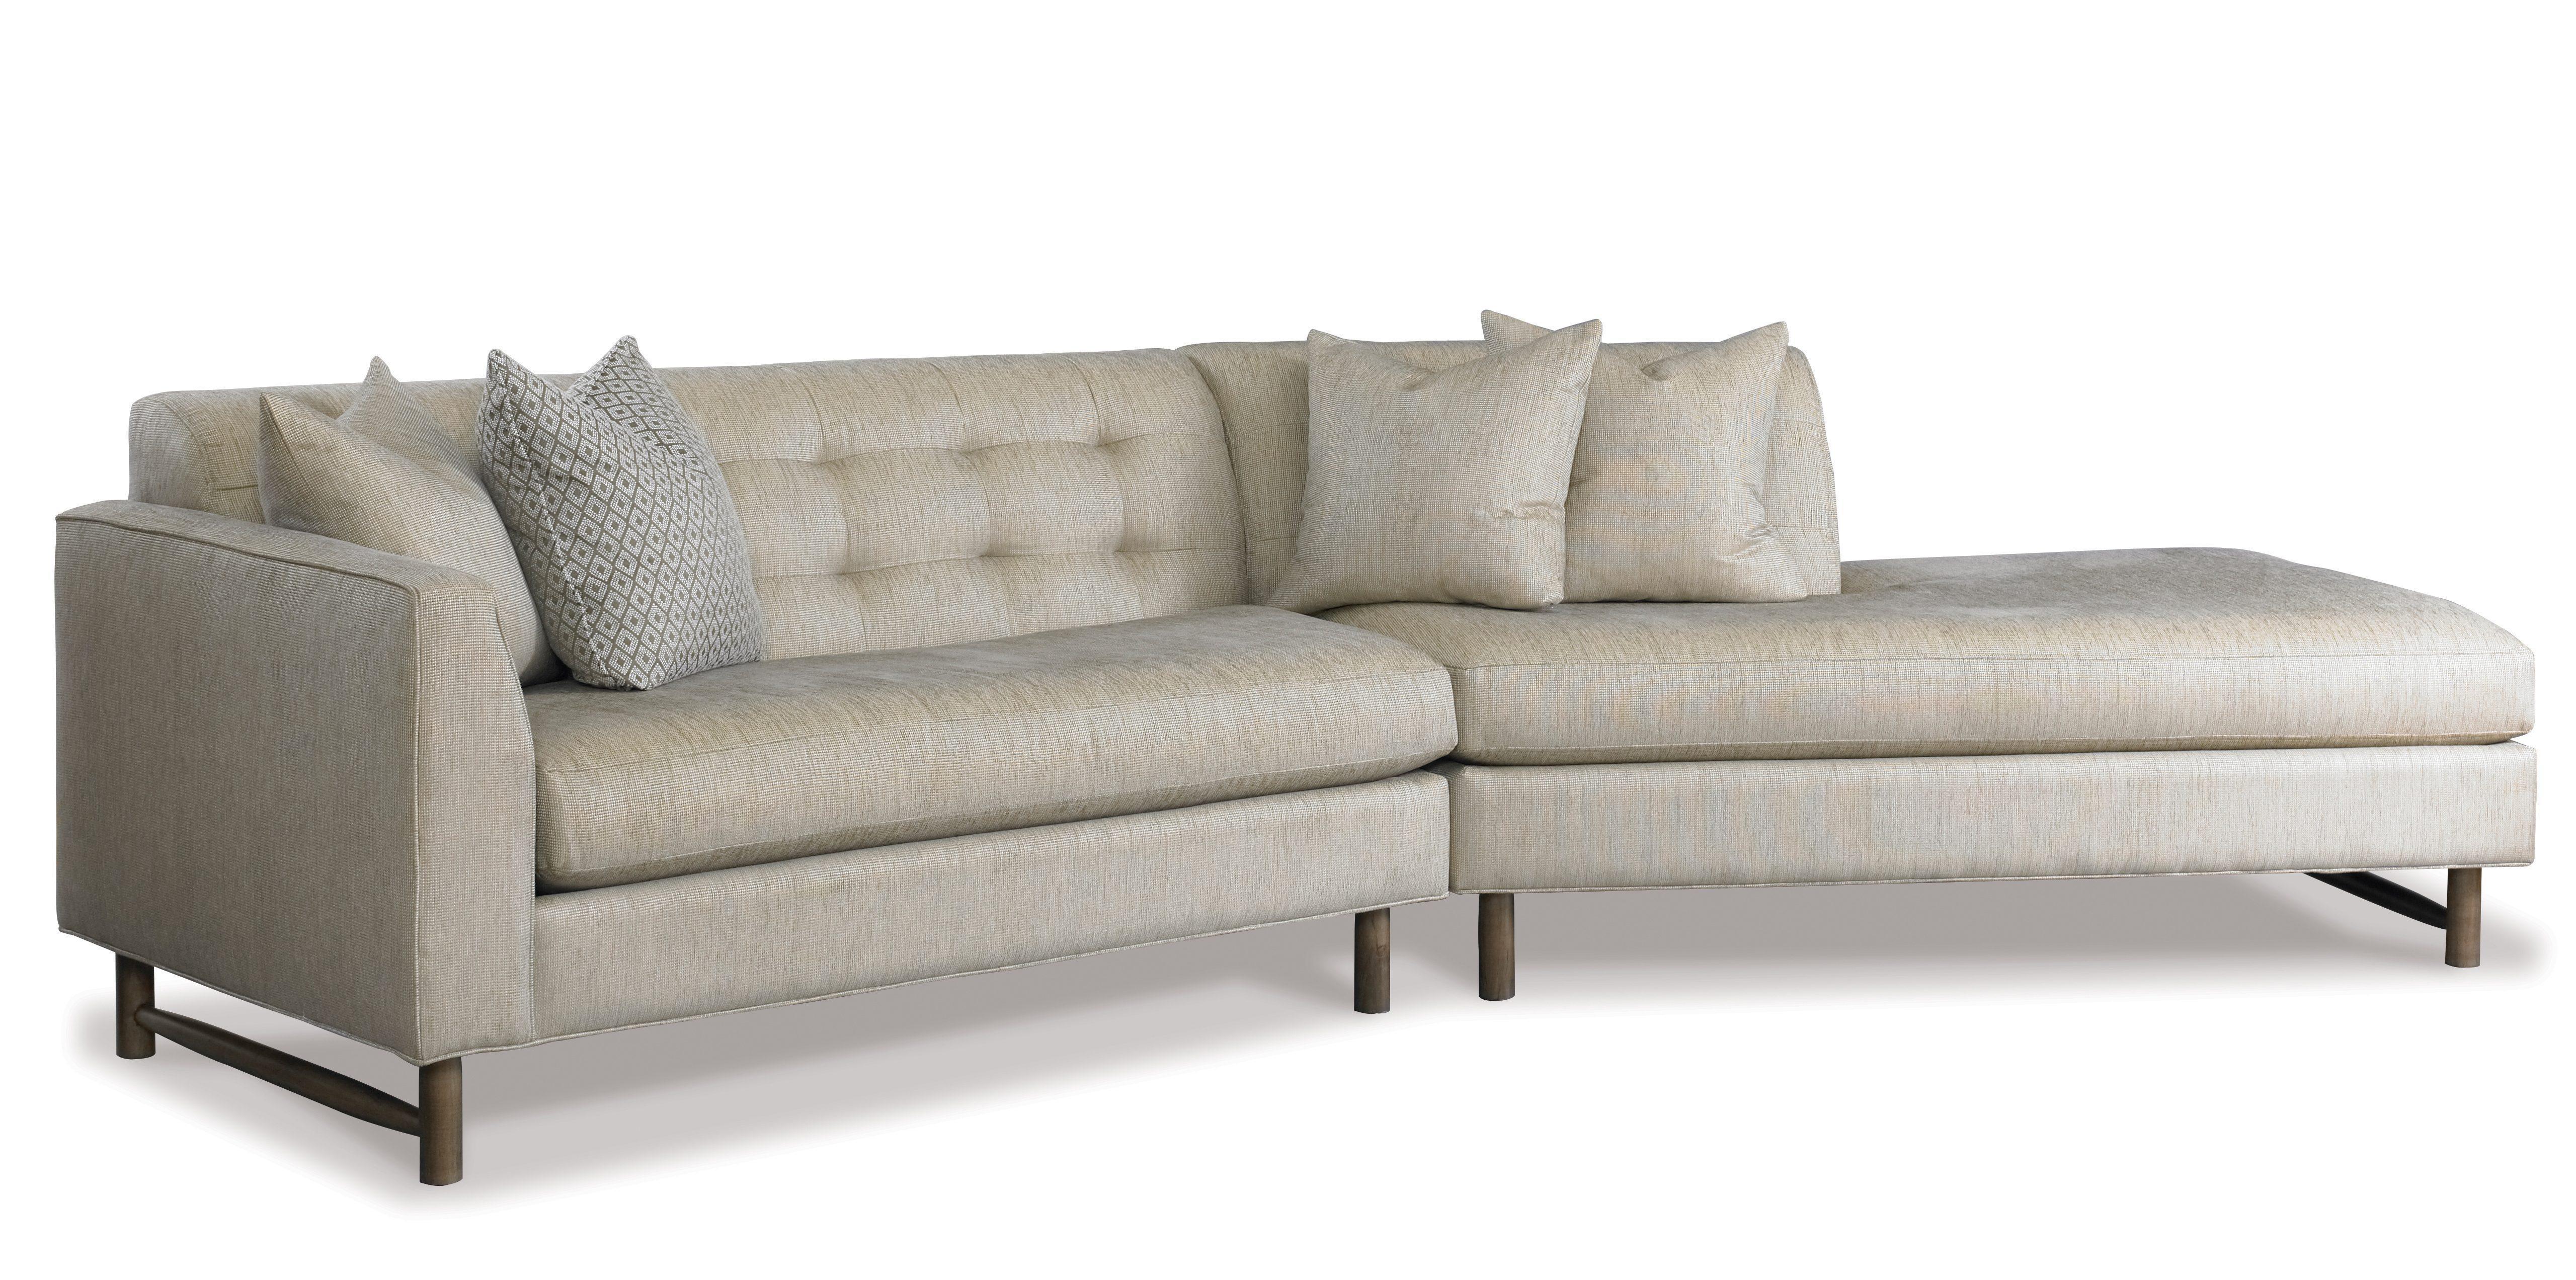 4125 Precedent Furniture